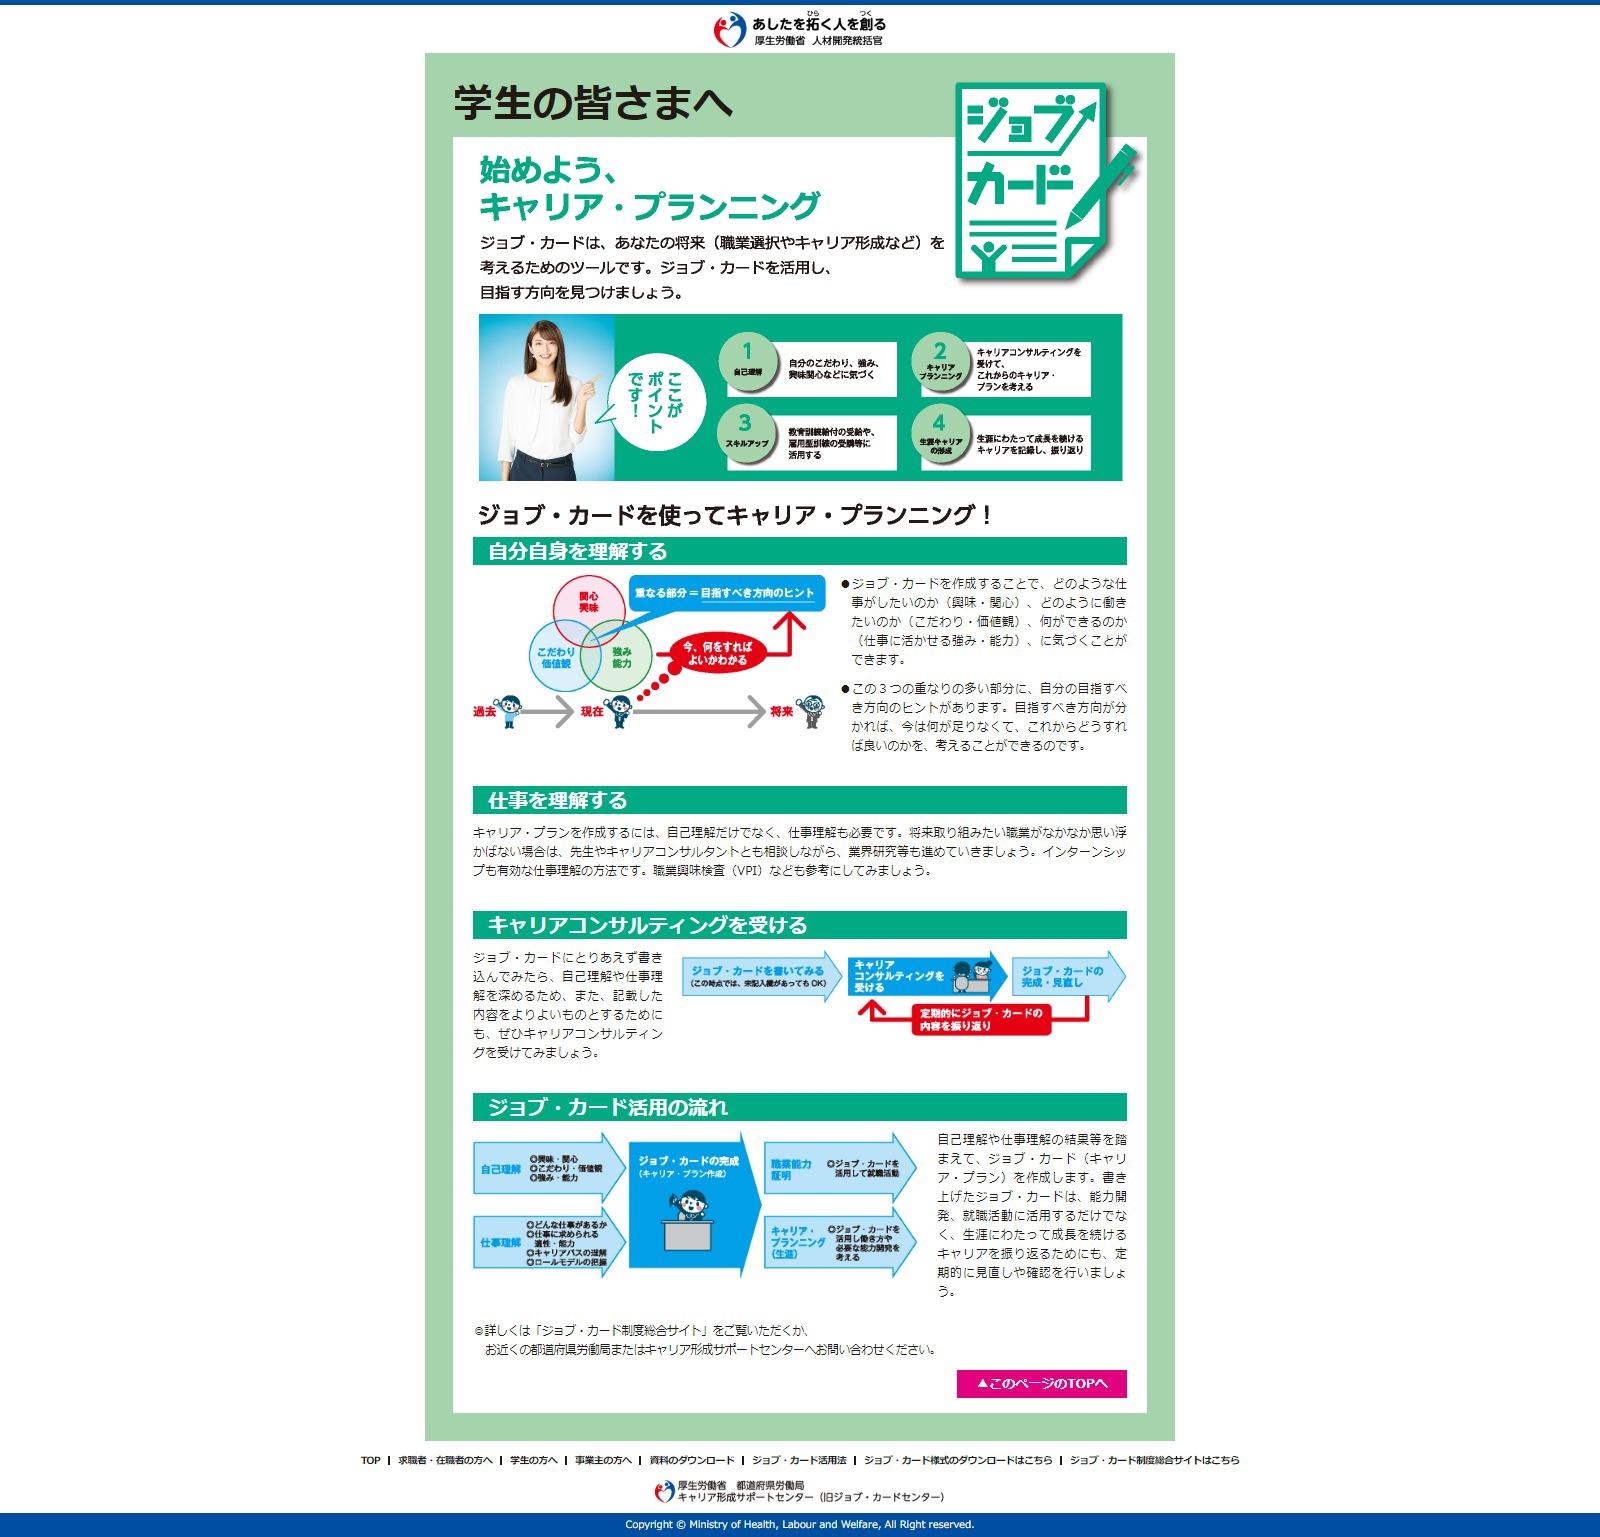 カード 制度 サイト ジョブ 総合 ジョブ・カード制度 |厚生労働省